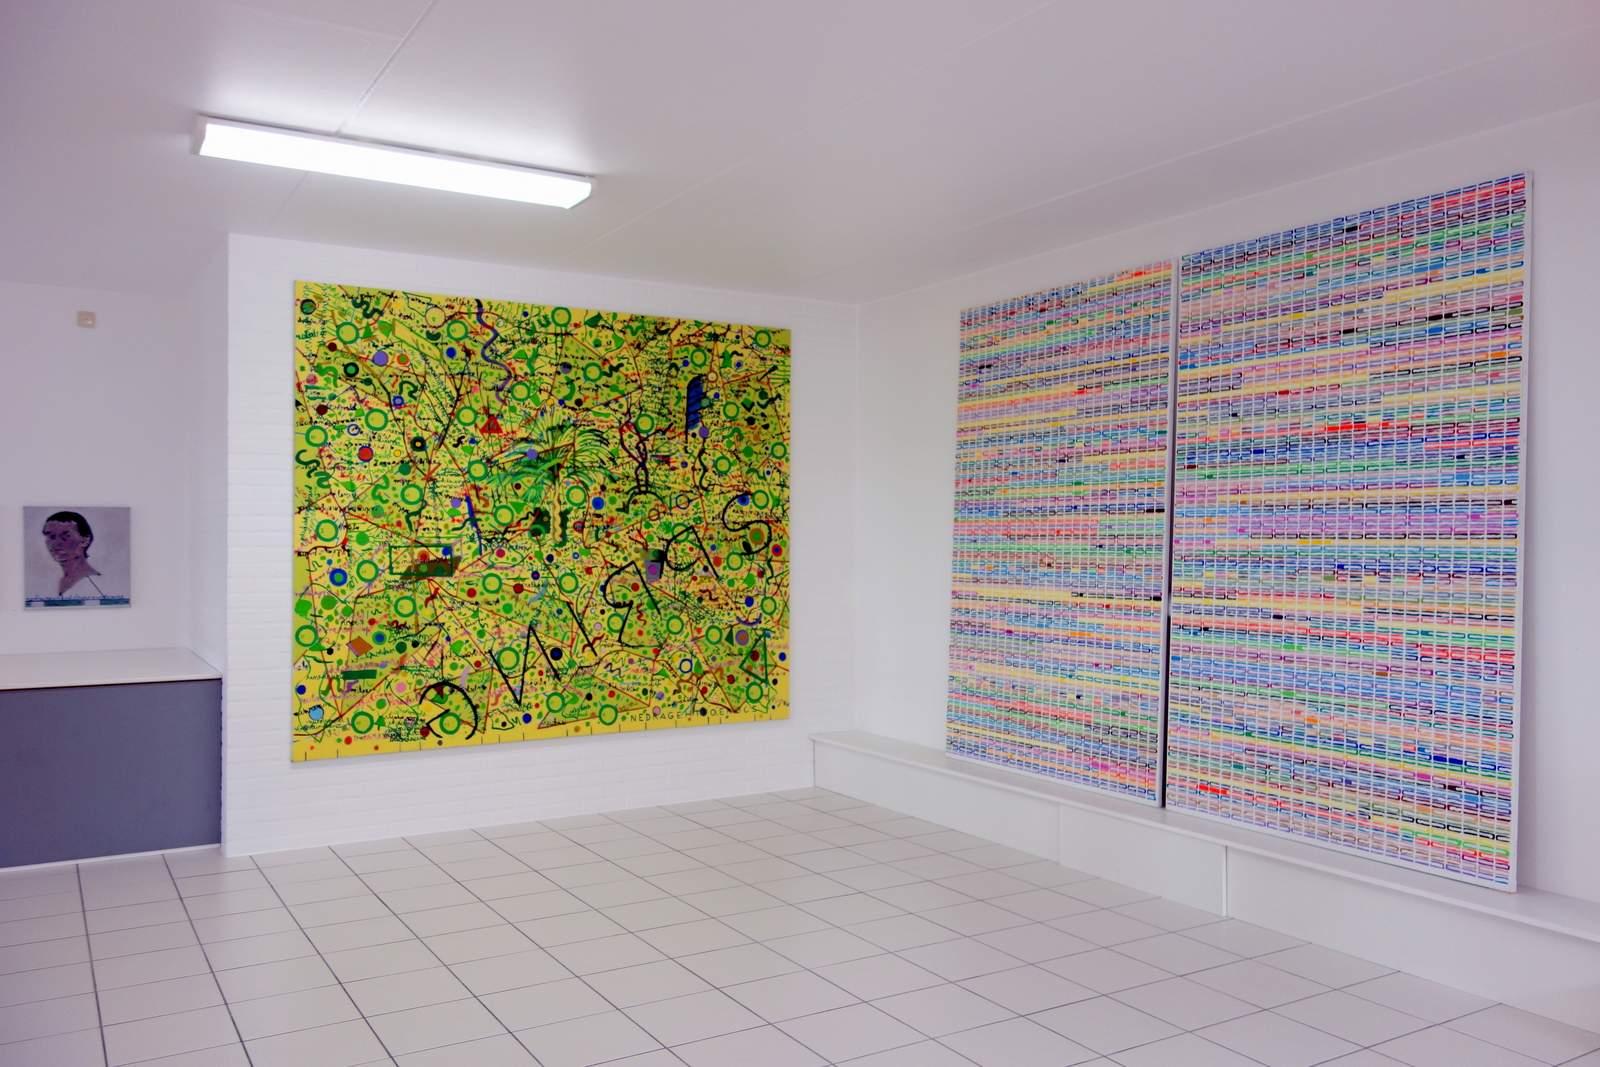 Toon Teeken tentoonstelling Galerie JoLi 2019